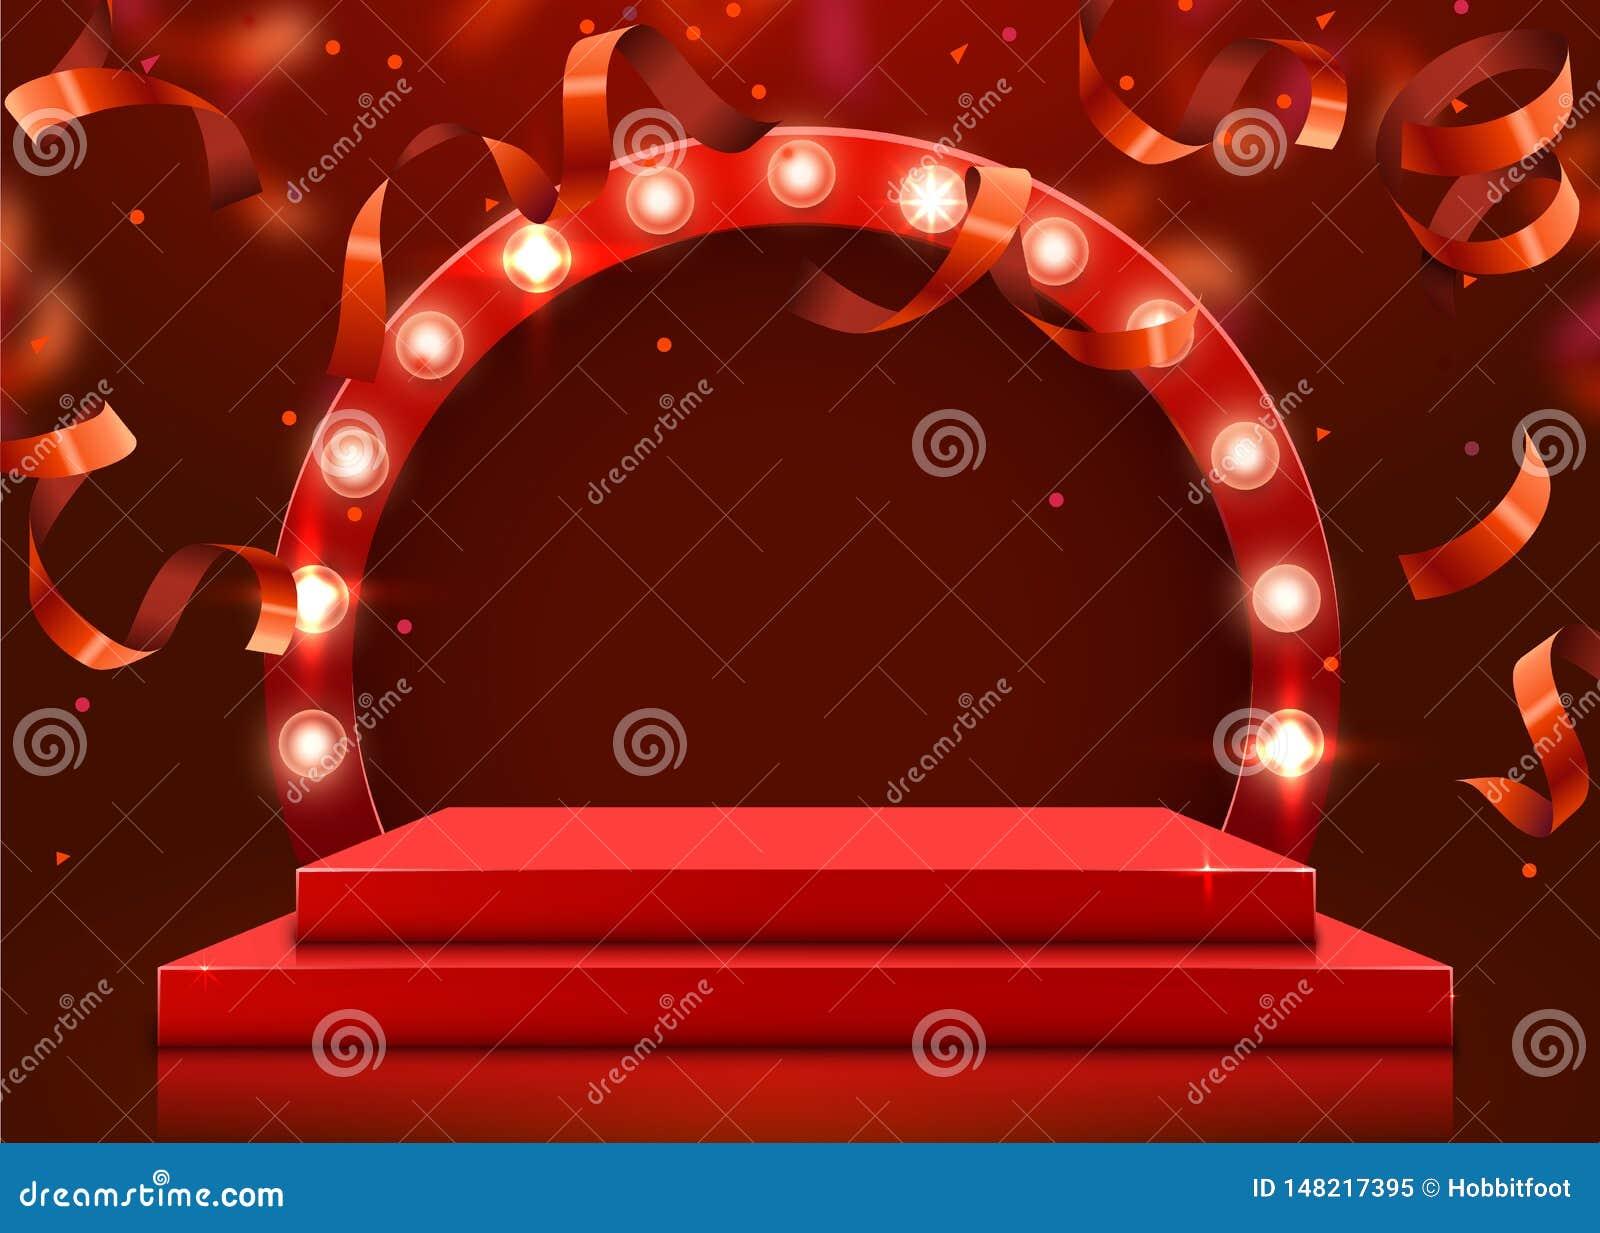 Abstract Round Podium Illuminated With Spotlight  Award